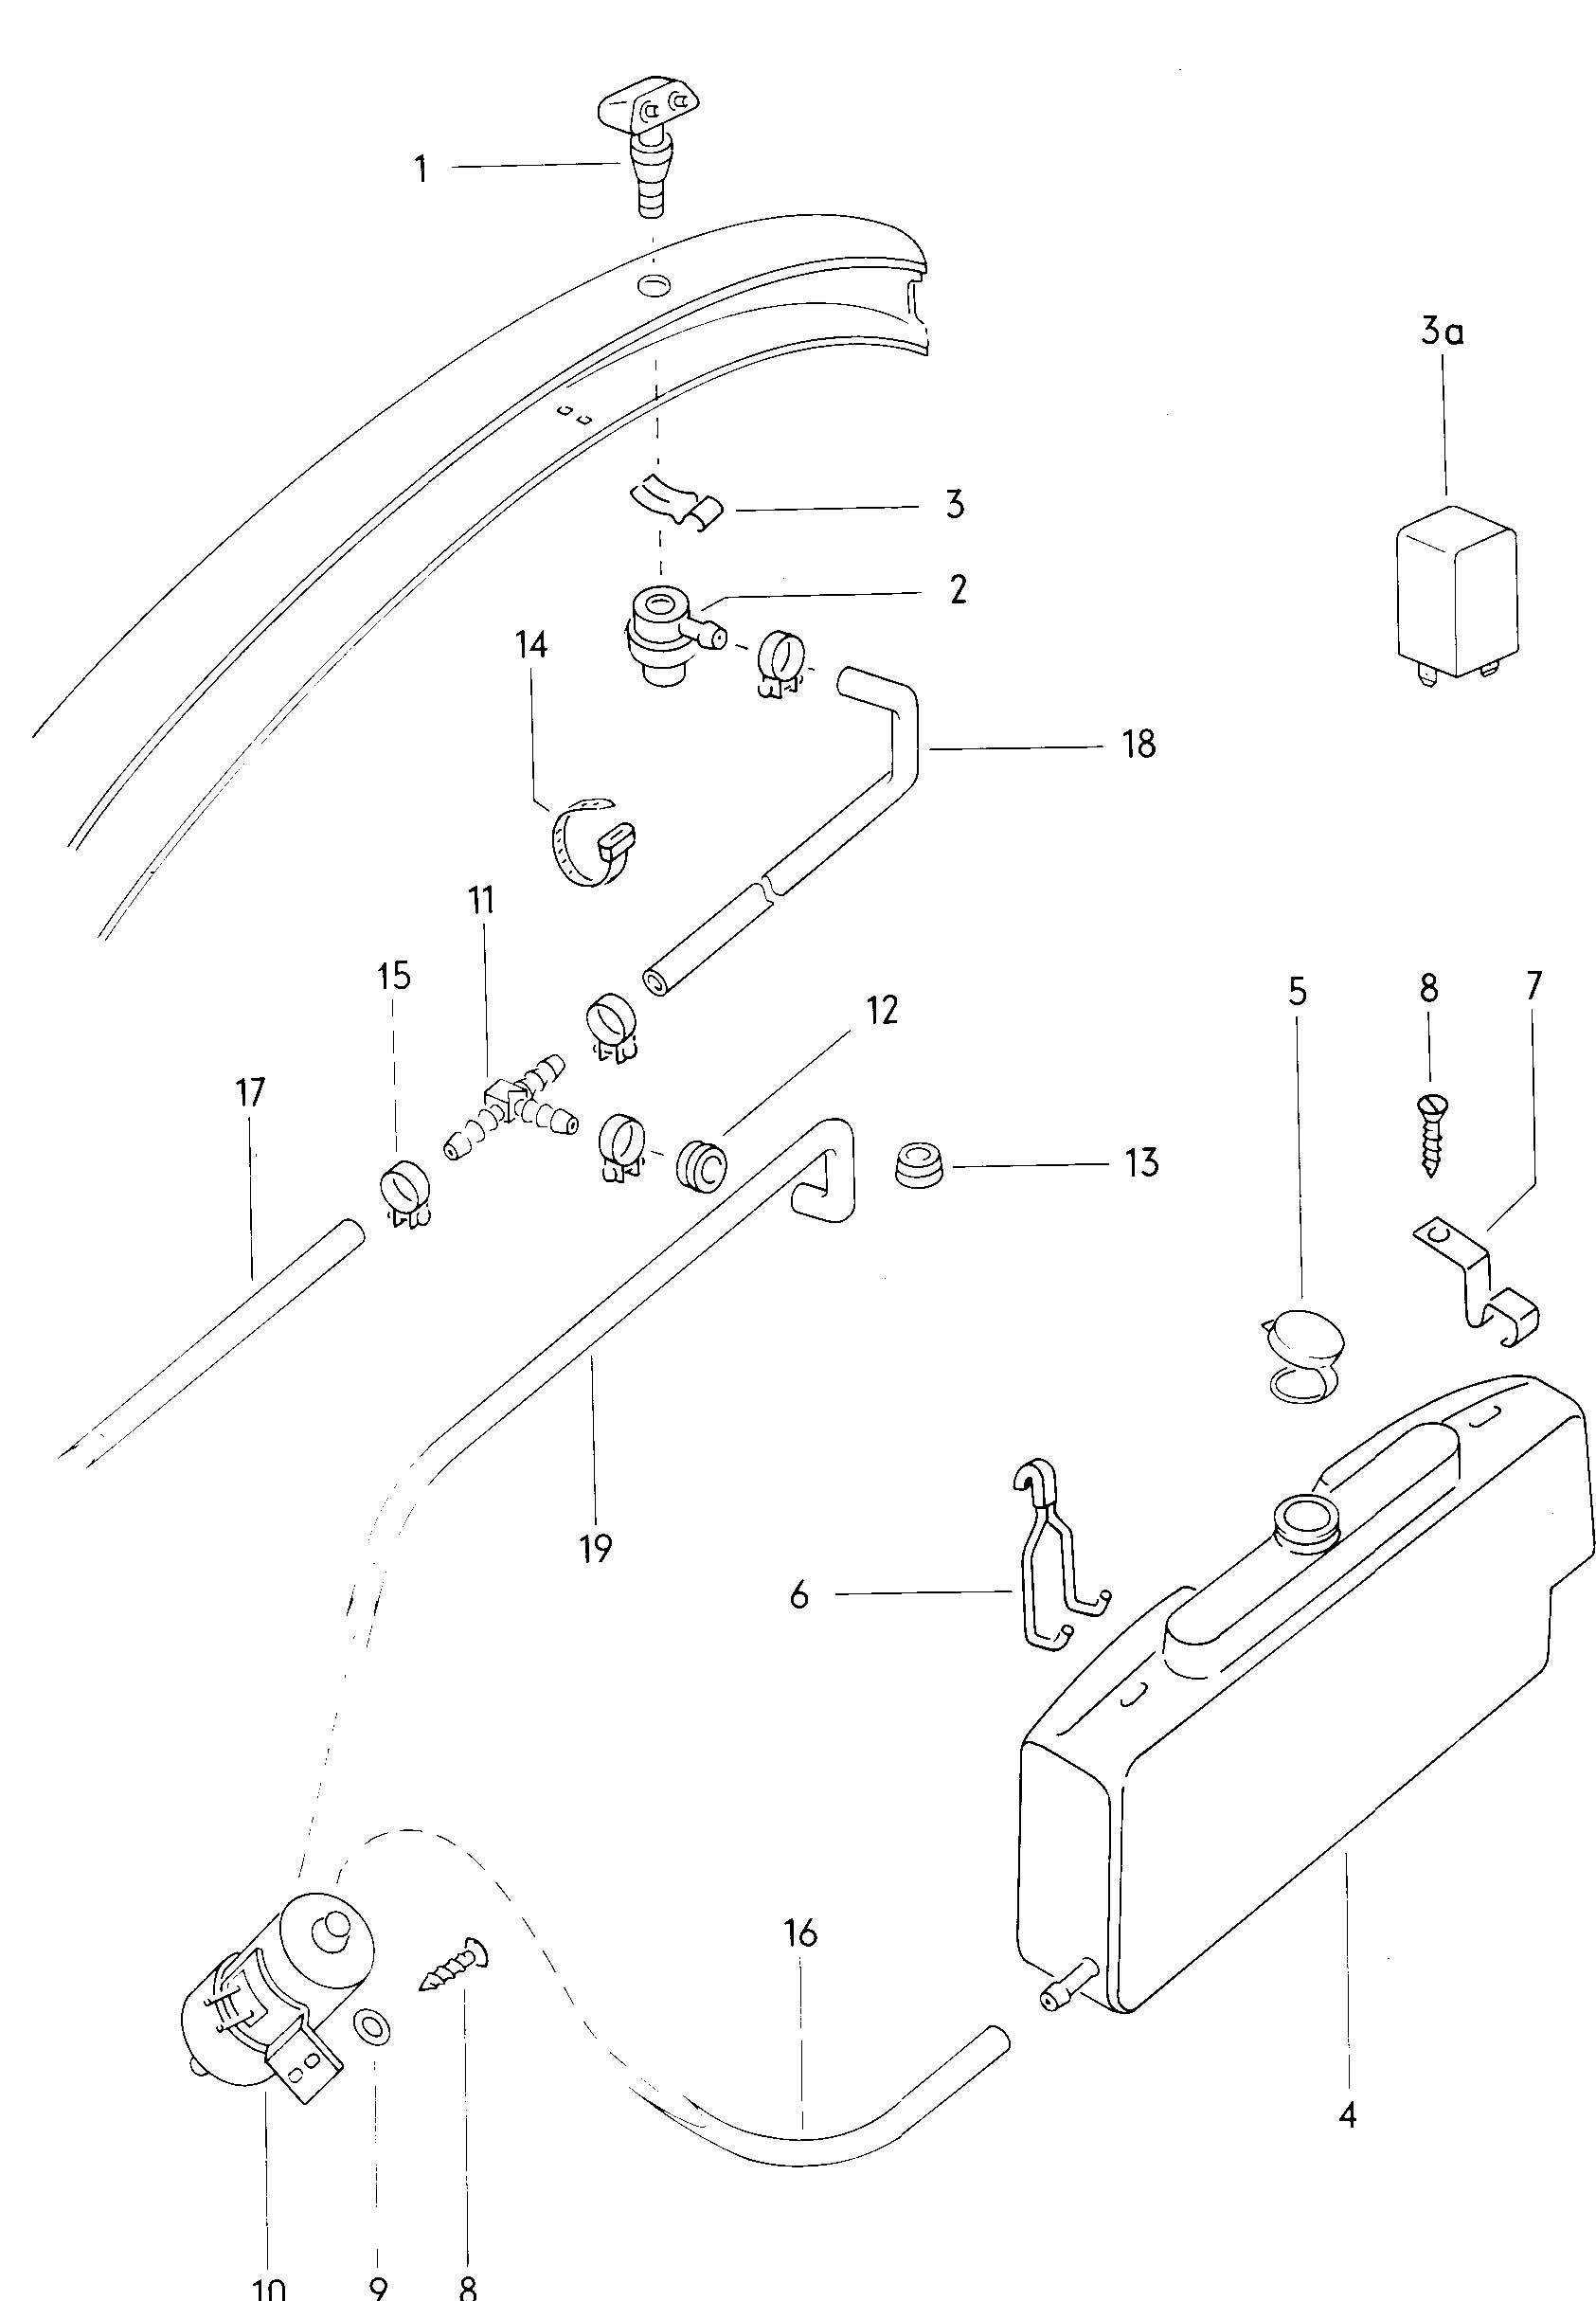 1970 Volkswagen Headlight washer system